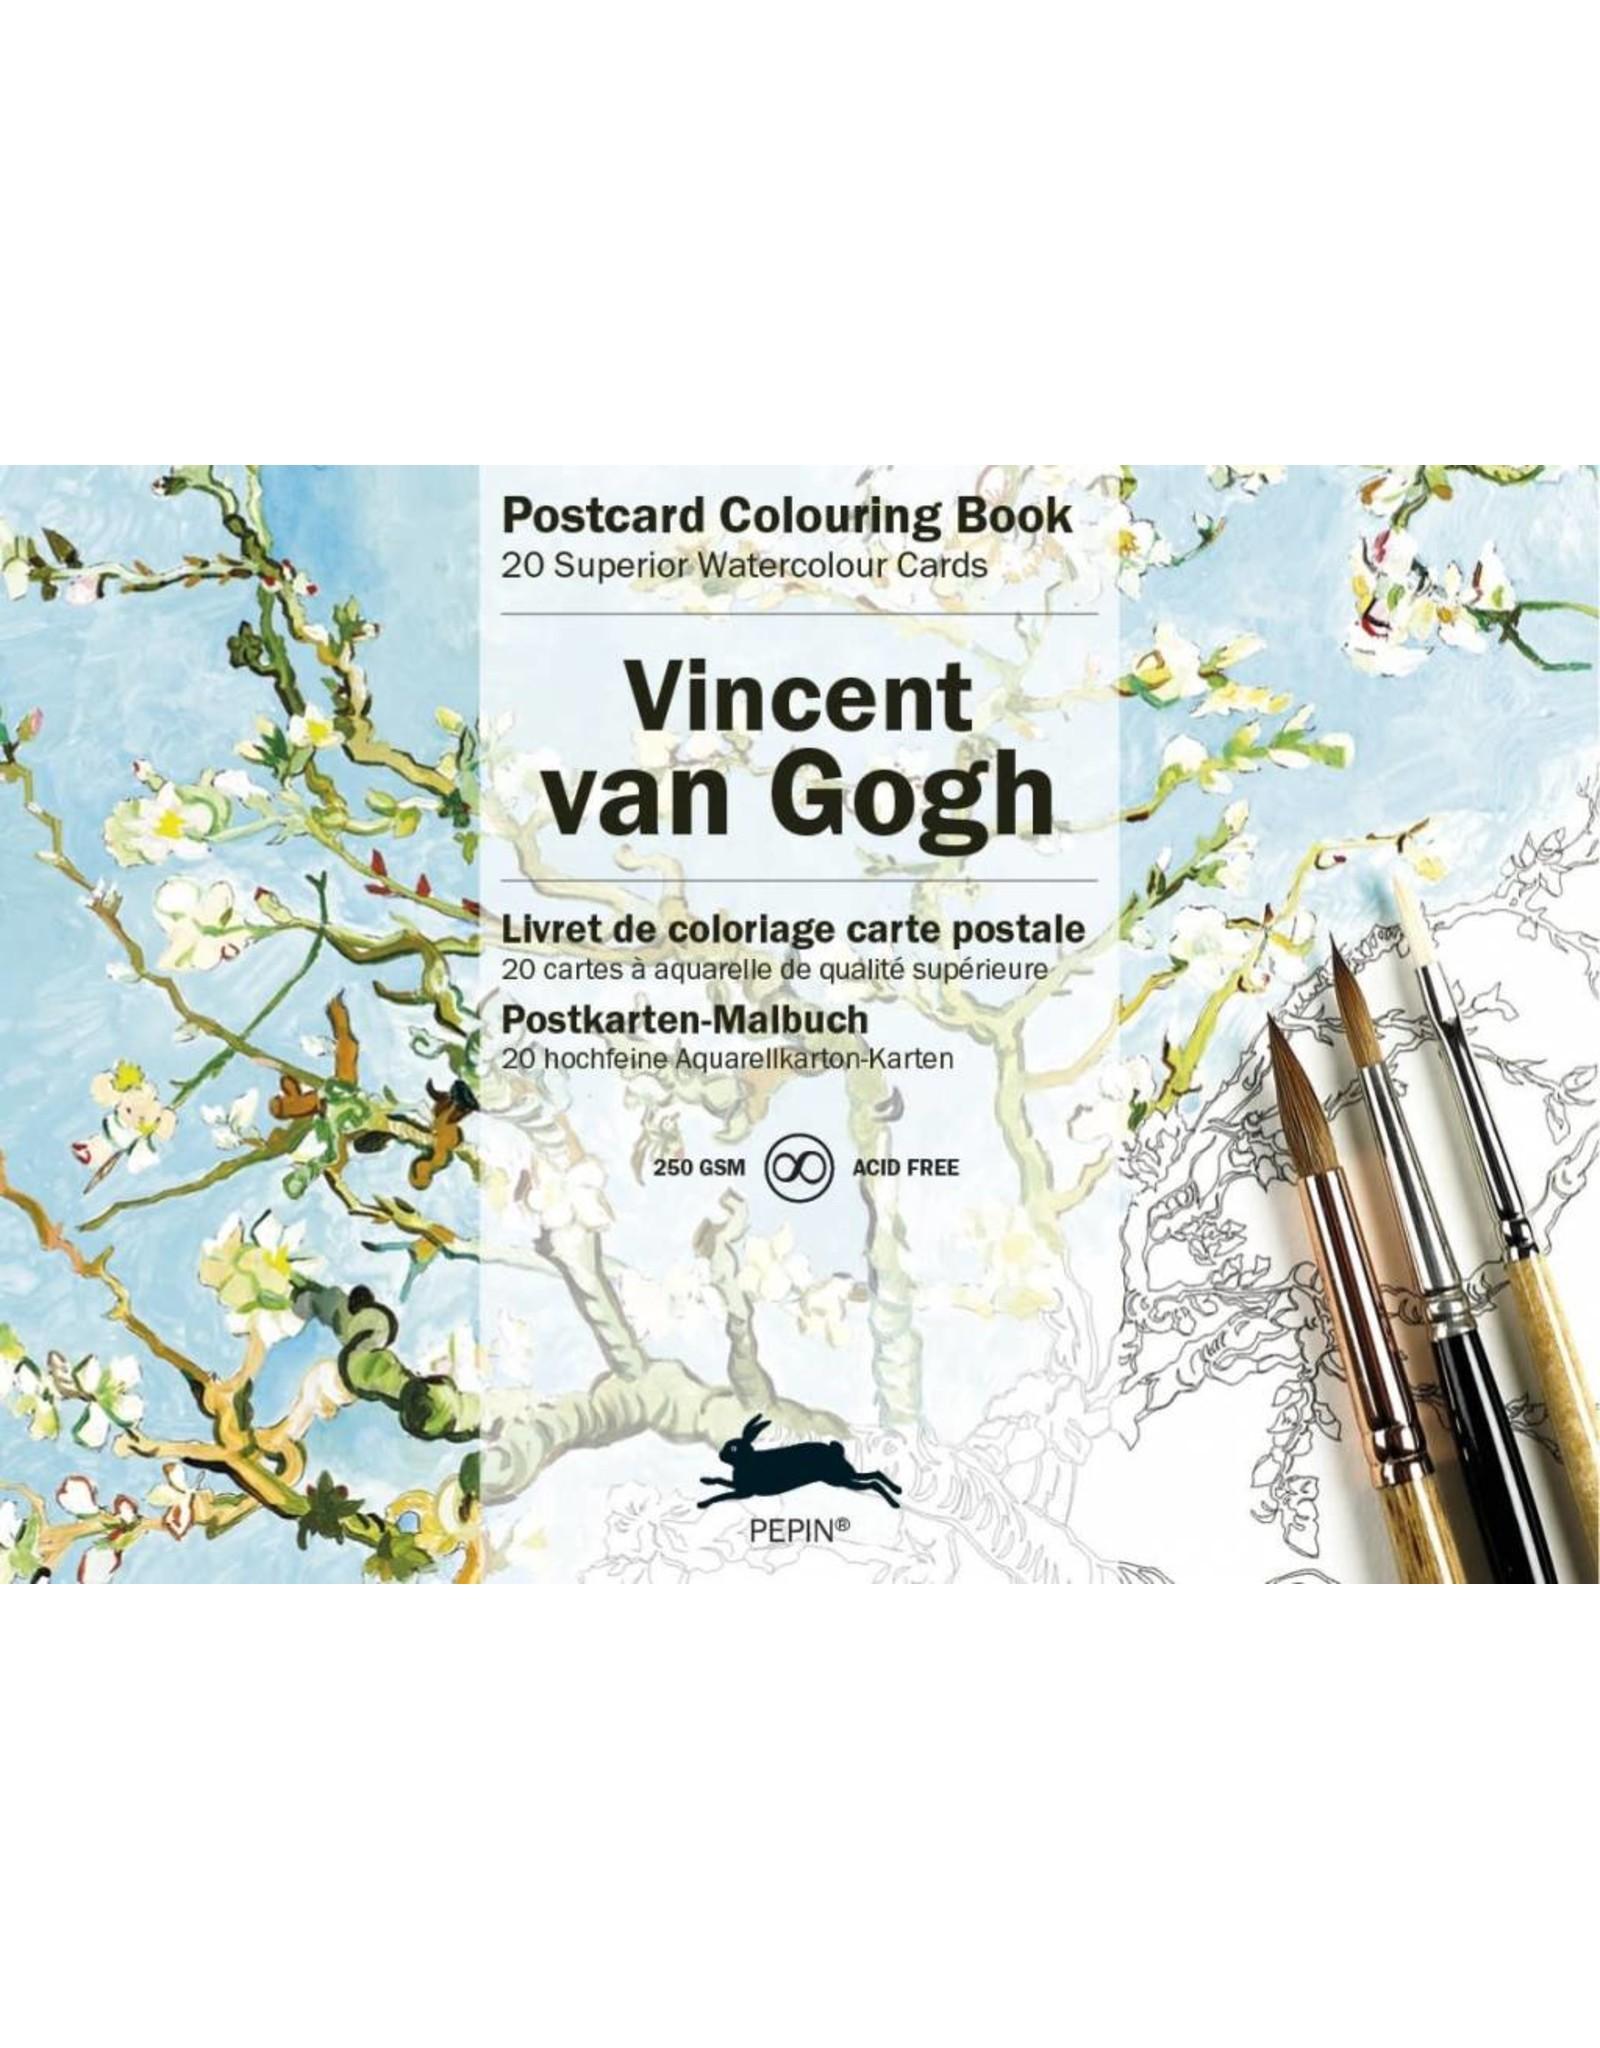 Postcard colouring book - Vincent Van Gogh